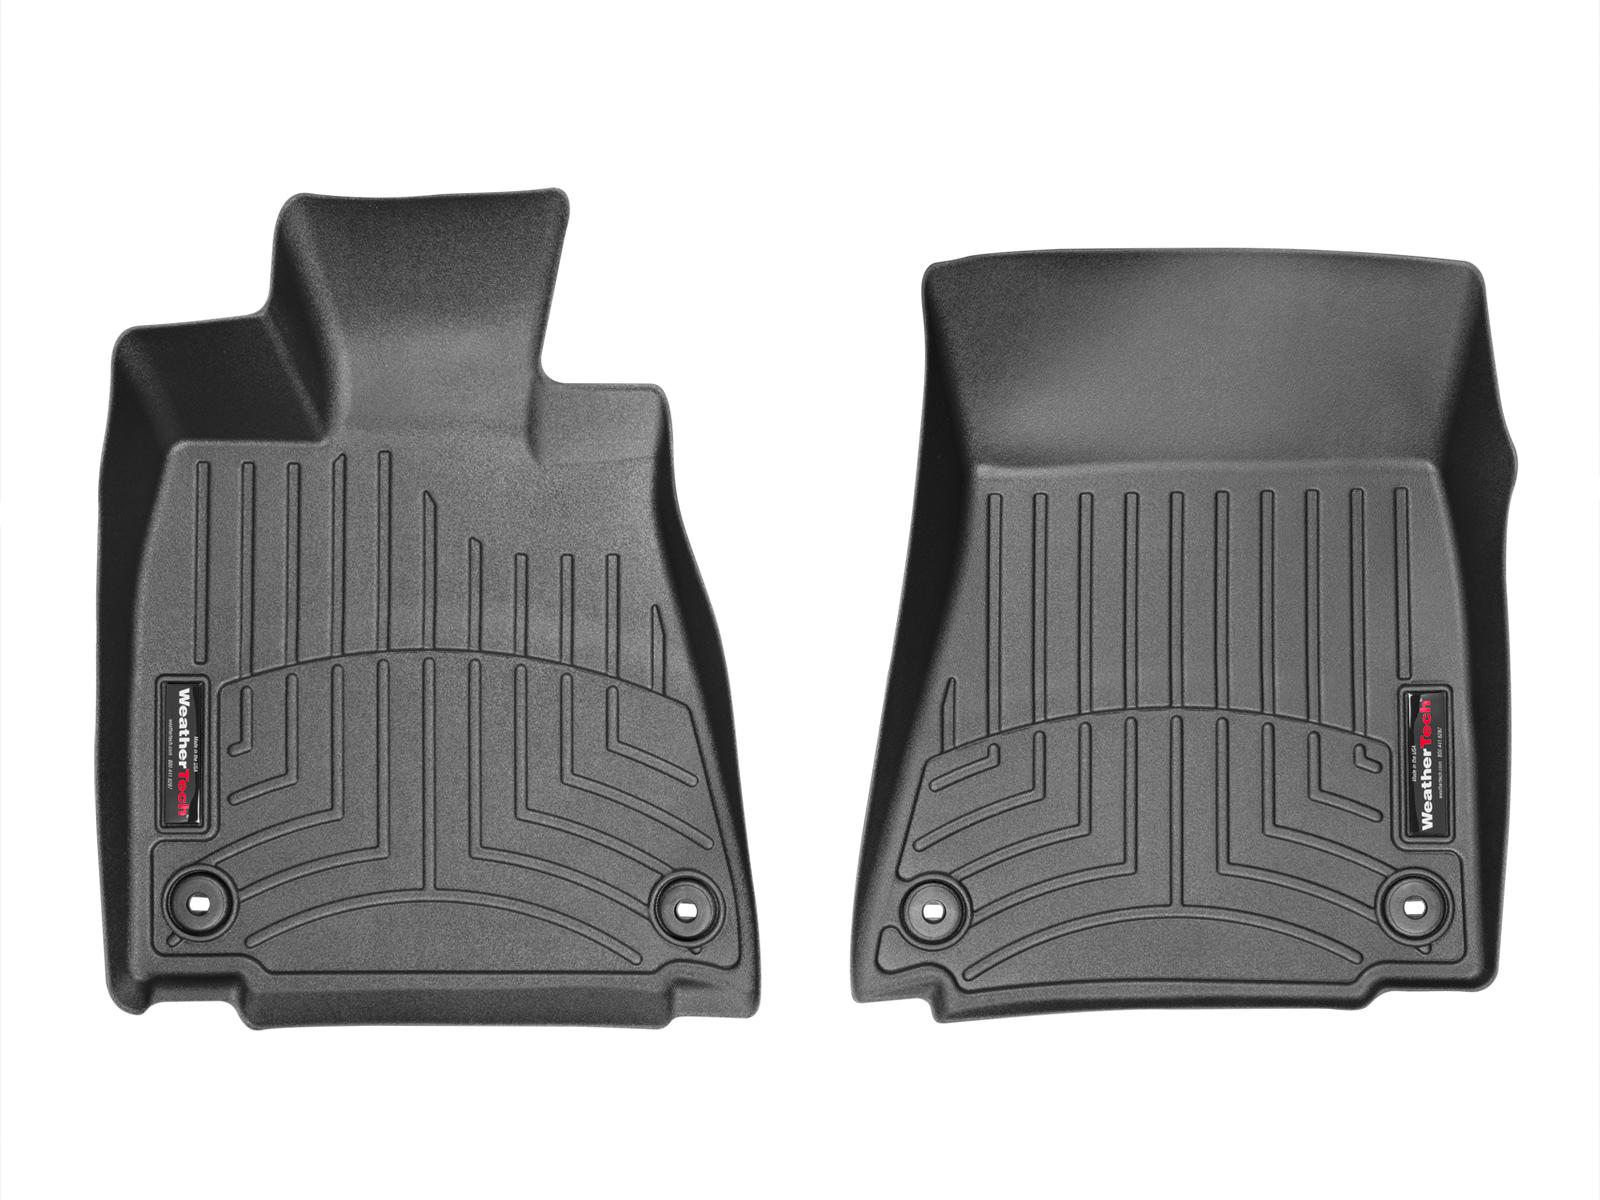 Tappeti gomma su misura bordo alto Lexus GS 13>17 Nero A2017*